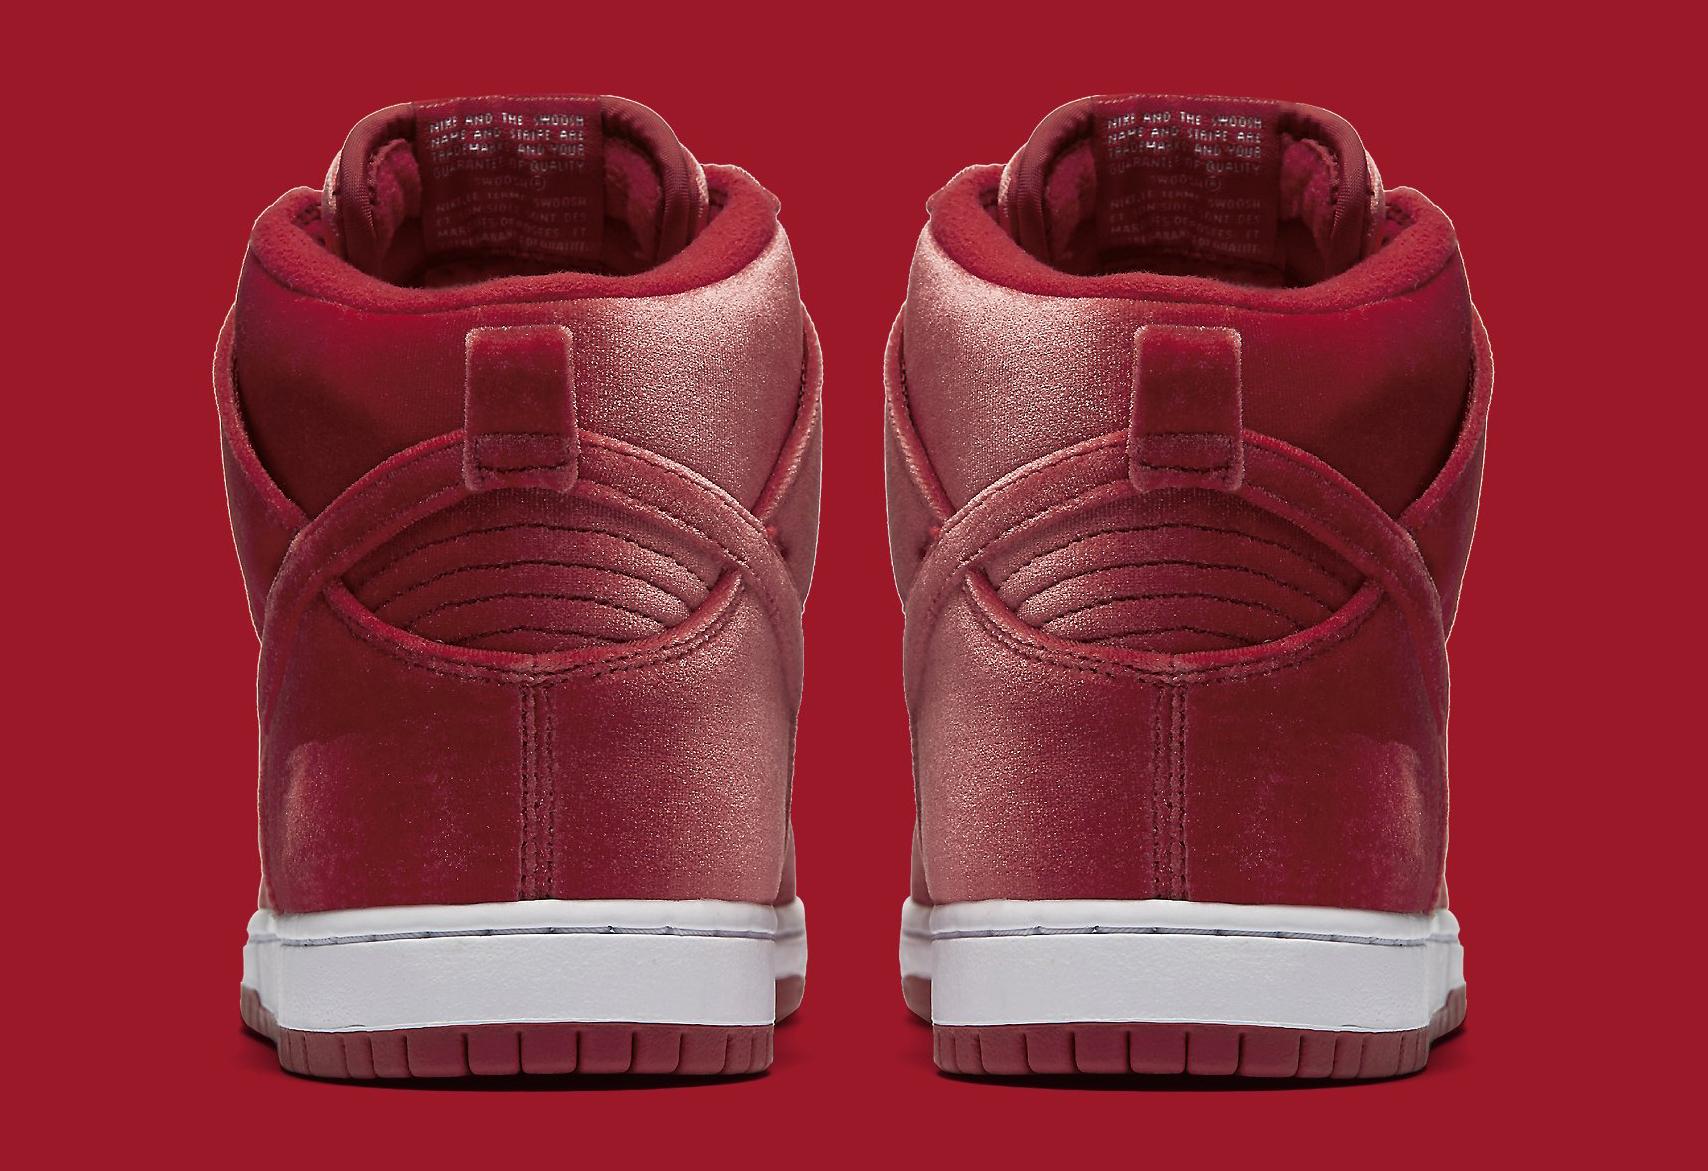 Nike SB Dunk Red Velvet 313171-661 Heel